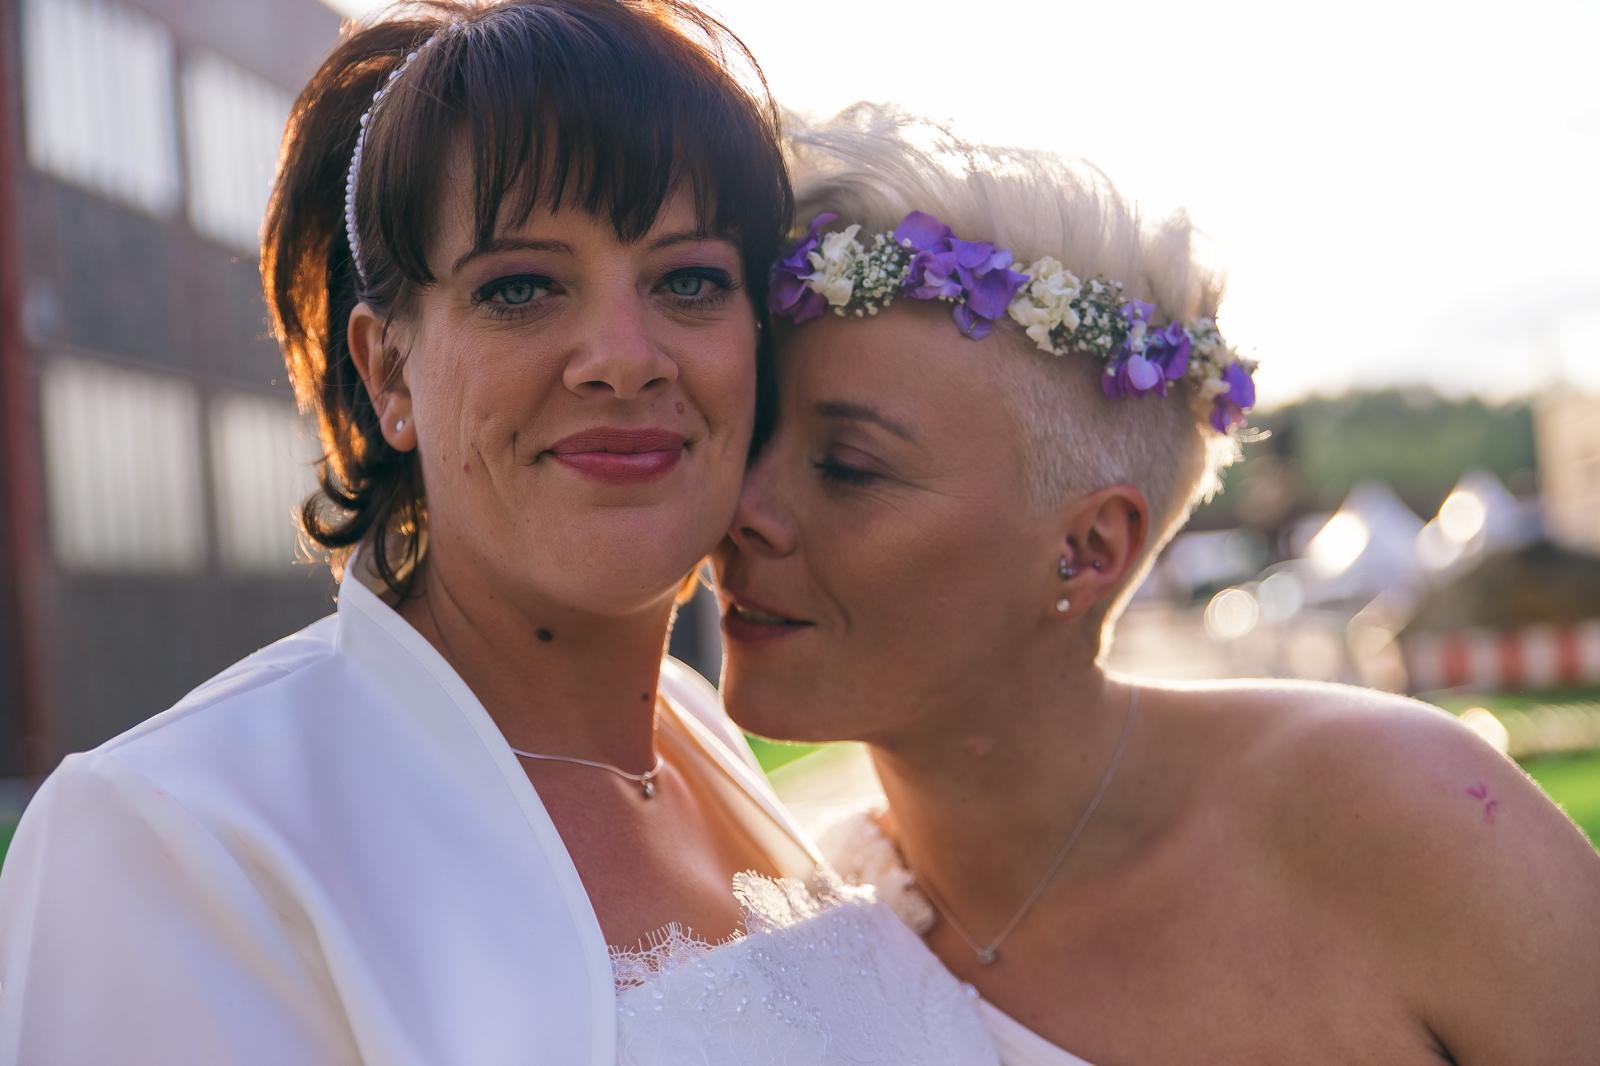 Monstergraphie_Hochzeitsreportage_Essen_Zeche_Zollverein42.jpg?fit=1600%2C1066